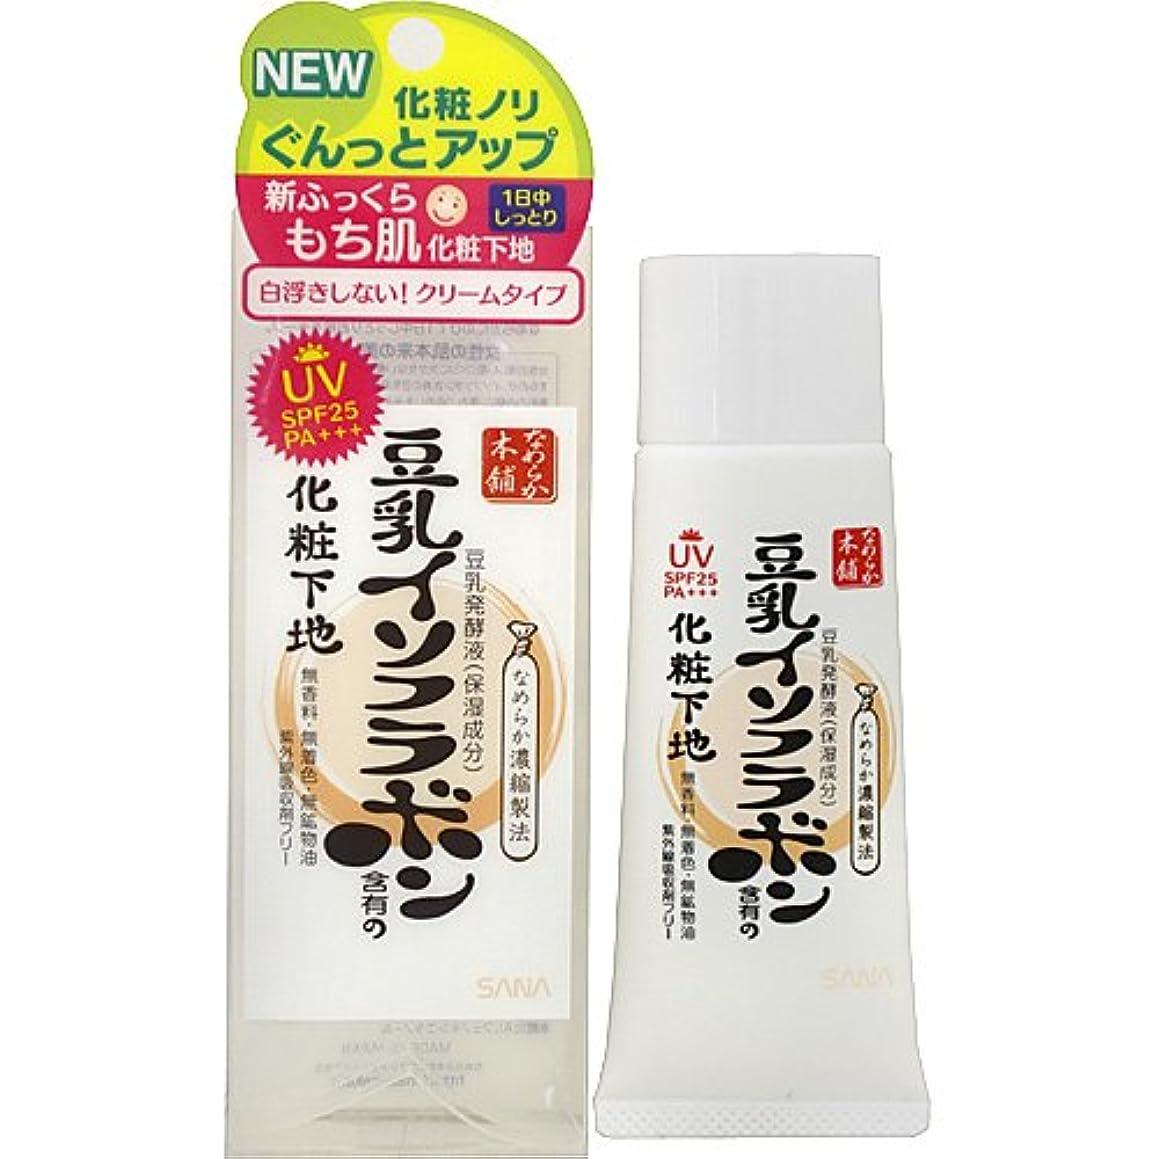 以下クレーン週間サナ なめらか本舗 豆乳イソフラボン含有のUV化粧下地N 40g x 3